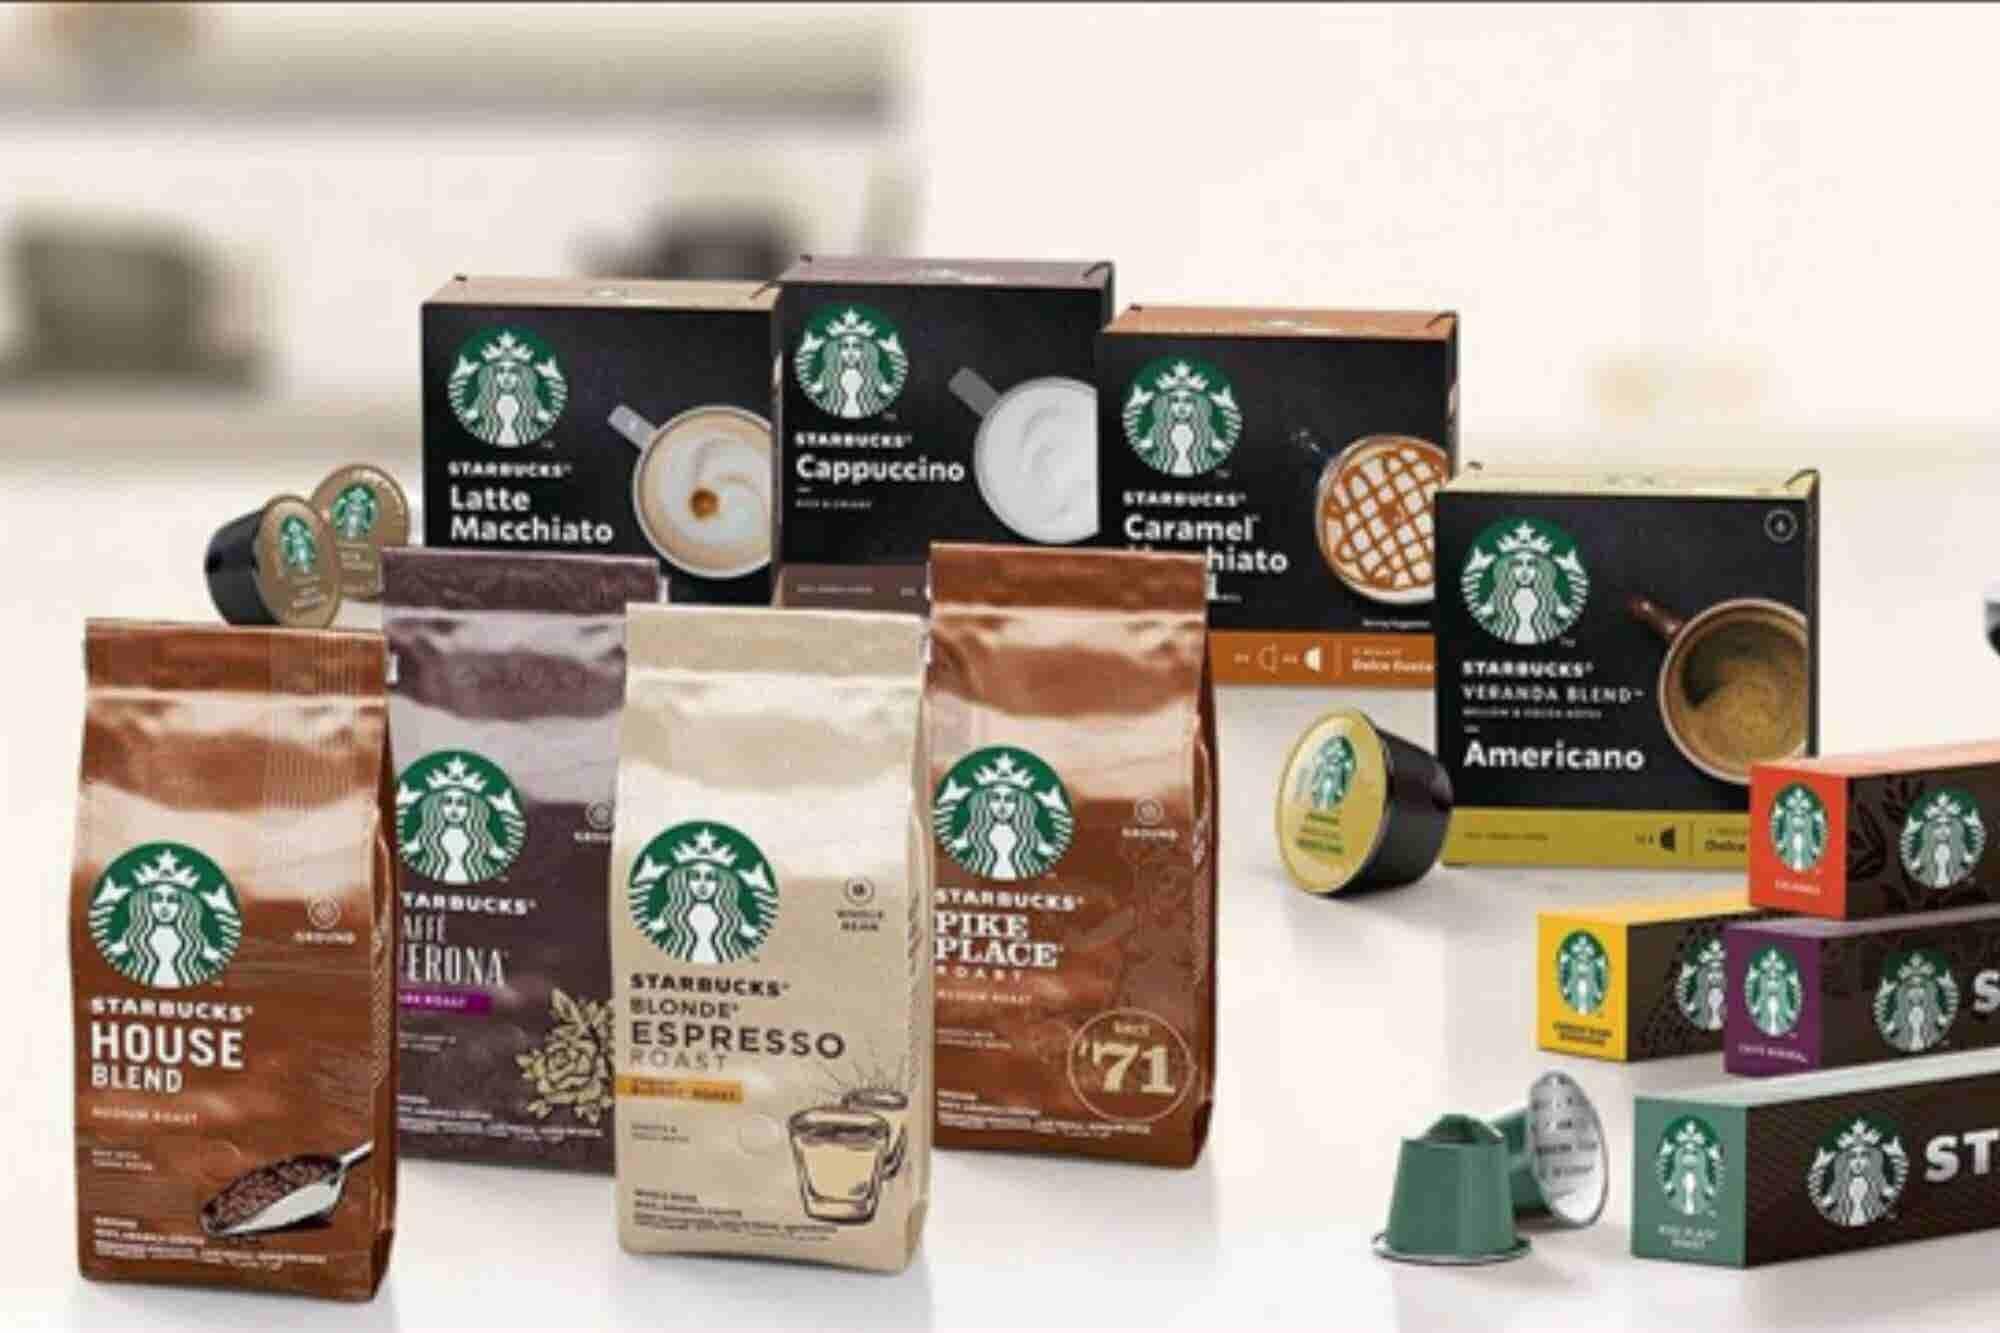 Nestlé lanza cápsulas de café Starbucks